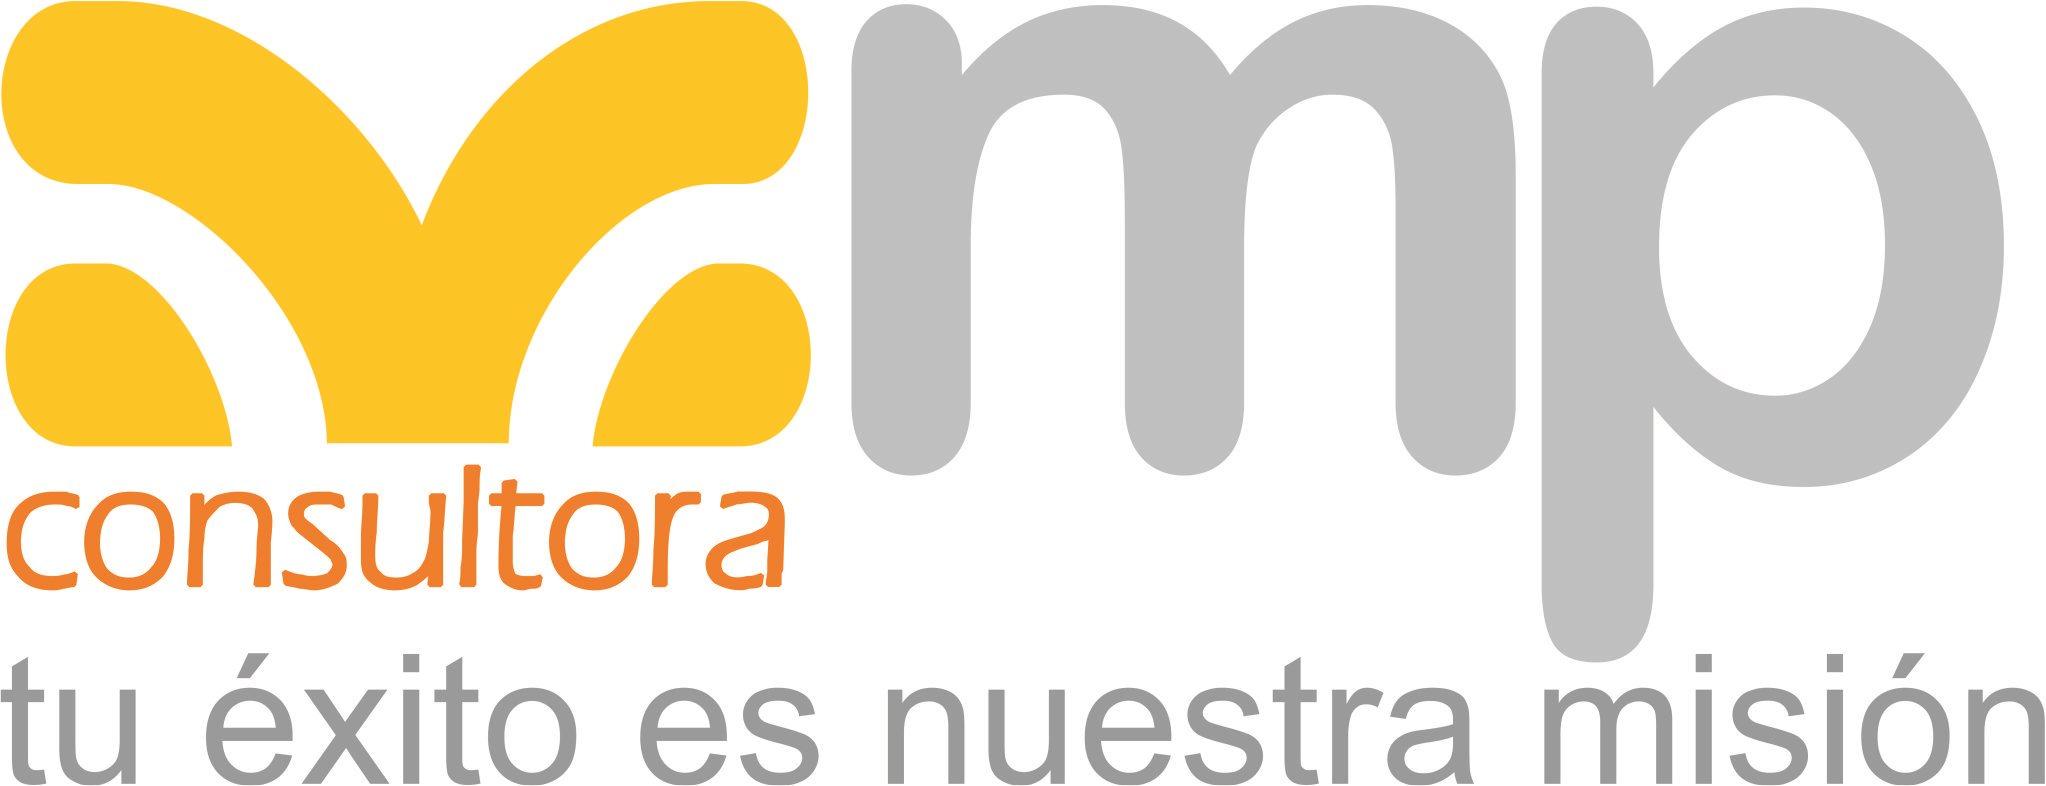 Ofertas de trabajo de Vendedor automóviles | CompuTrabajo